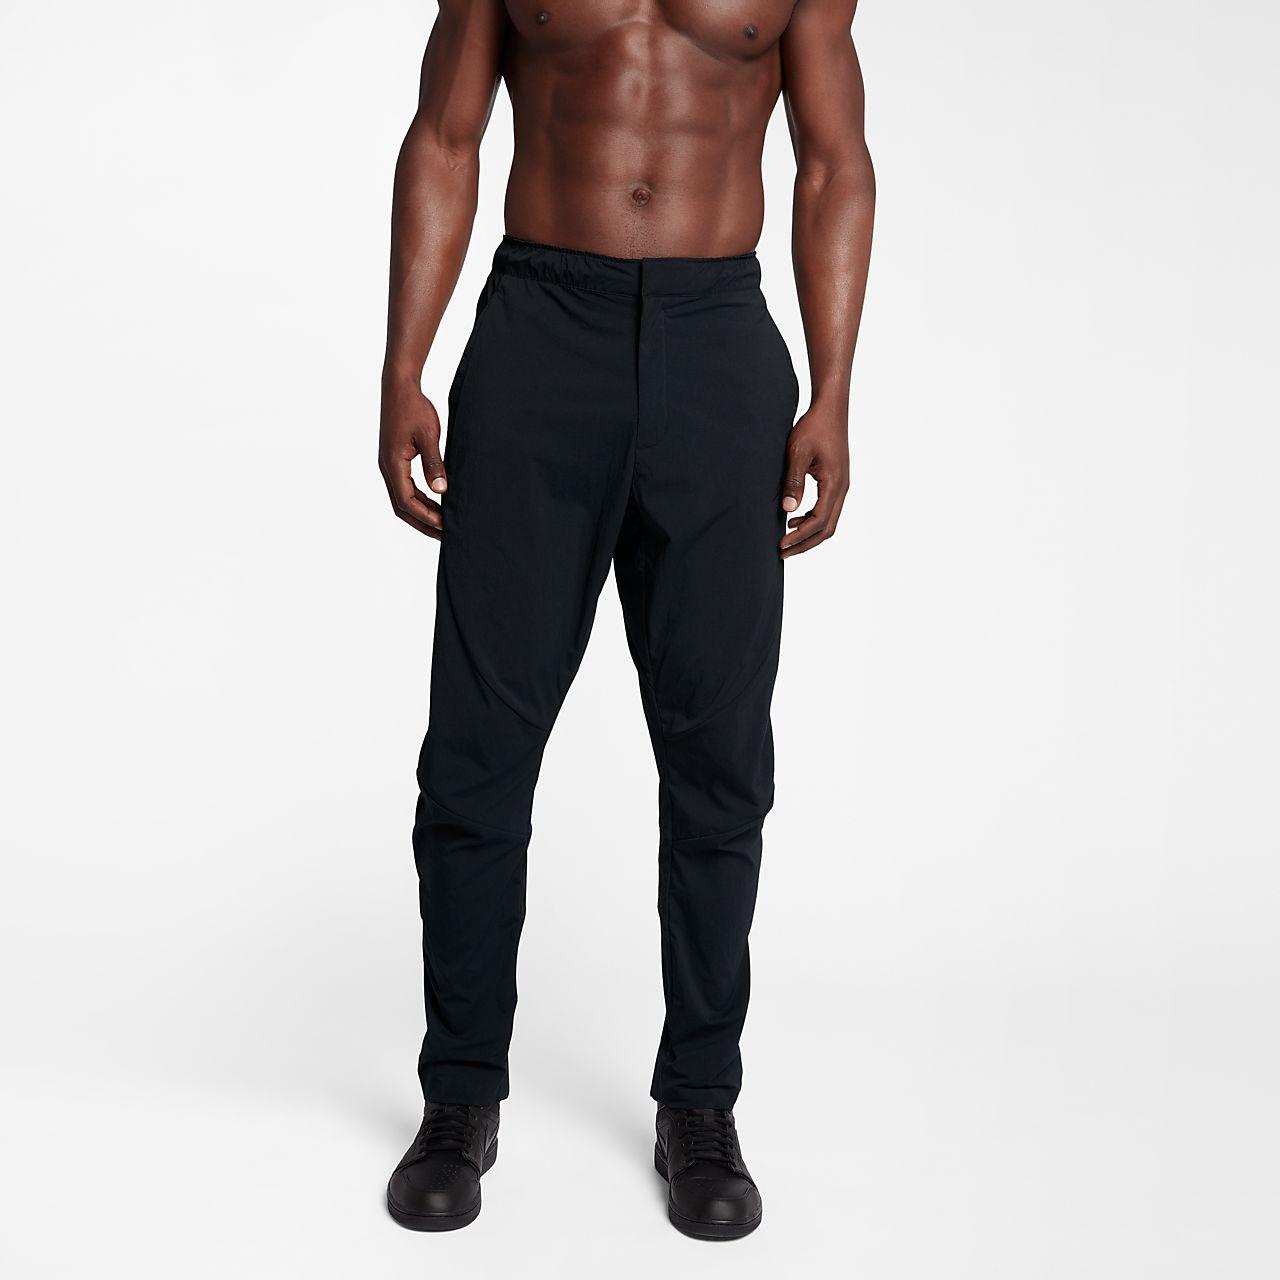 ... Jordan Sportswear Tech Men's Woven Pants